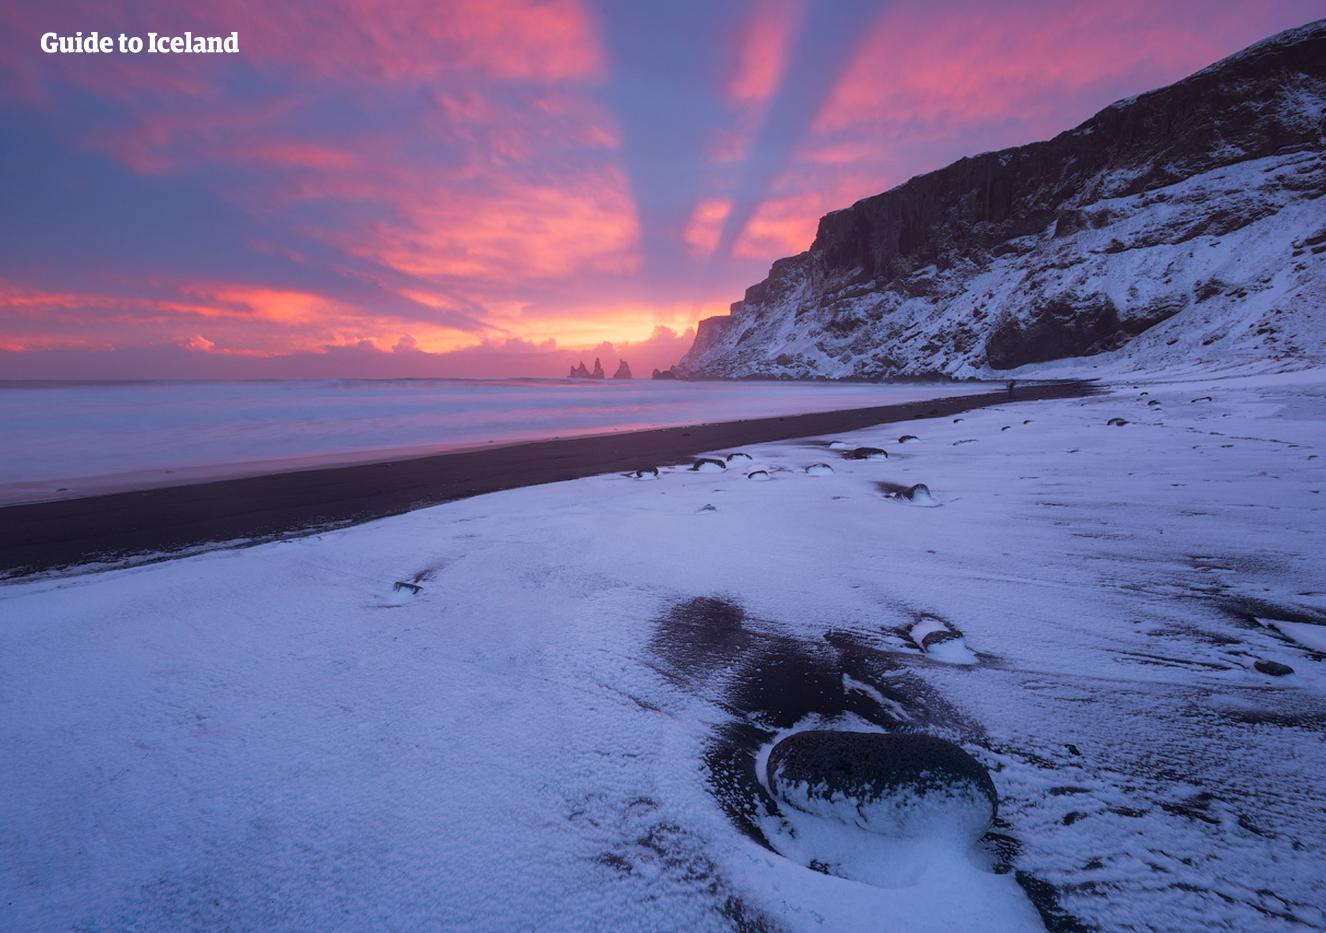 한 겨울, 남부 해안을 드라이브해 보는 건 어떤가요? 백야의 지지 않는 태양이 선사하는 아이슬란드의 아름다움을 만끽합니다.